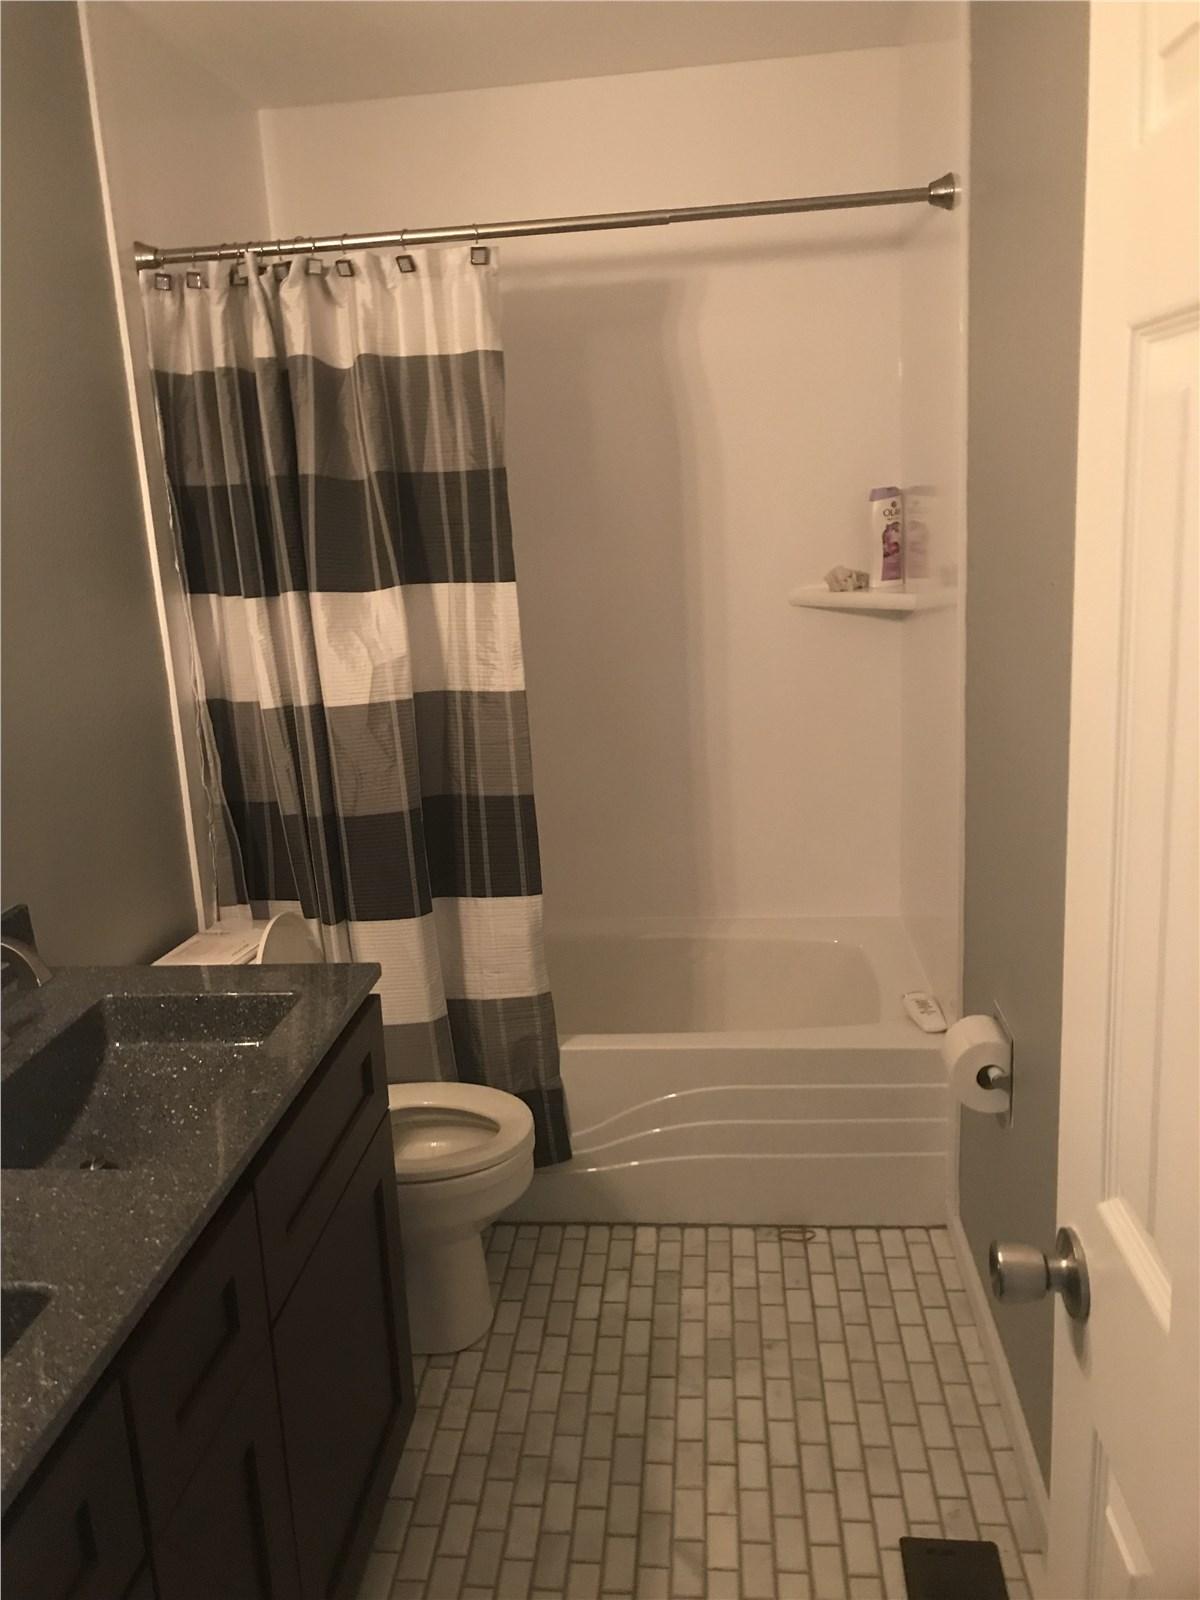 Colorado Springs Bathtub Installation | Bathtub Replacement | Center ...